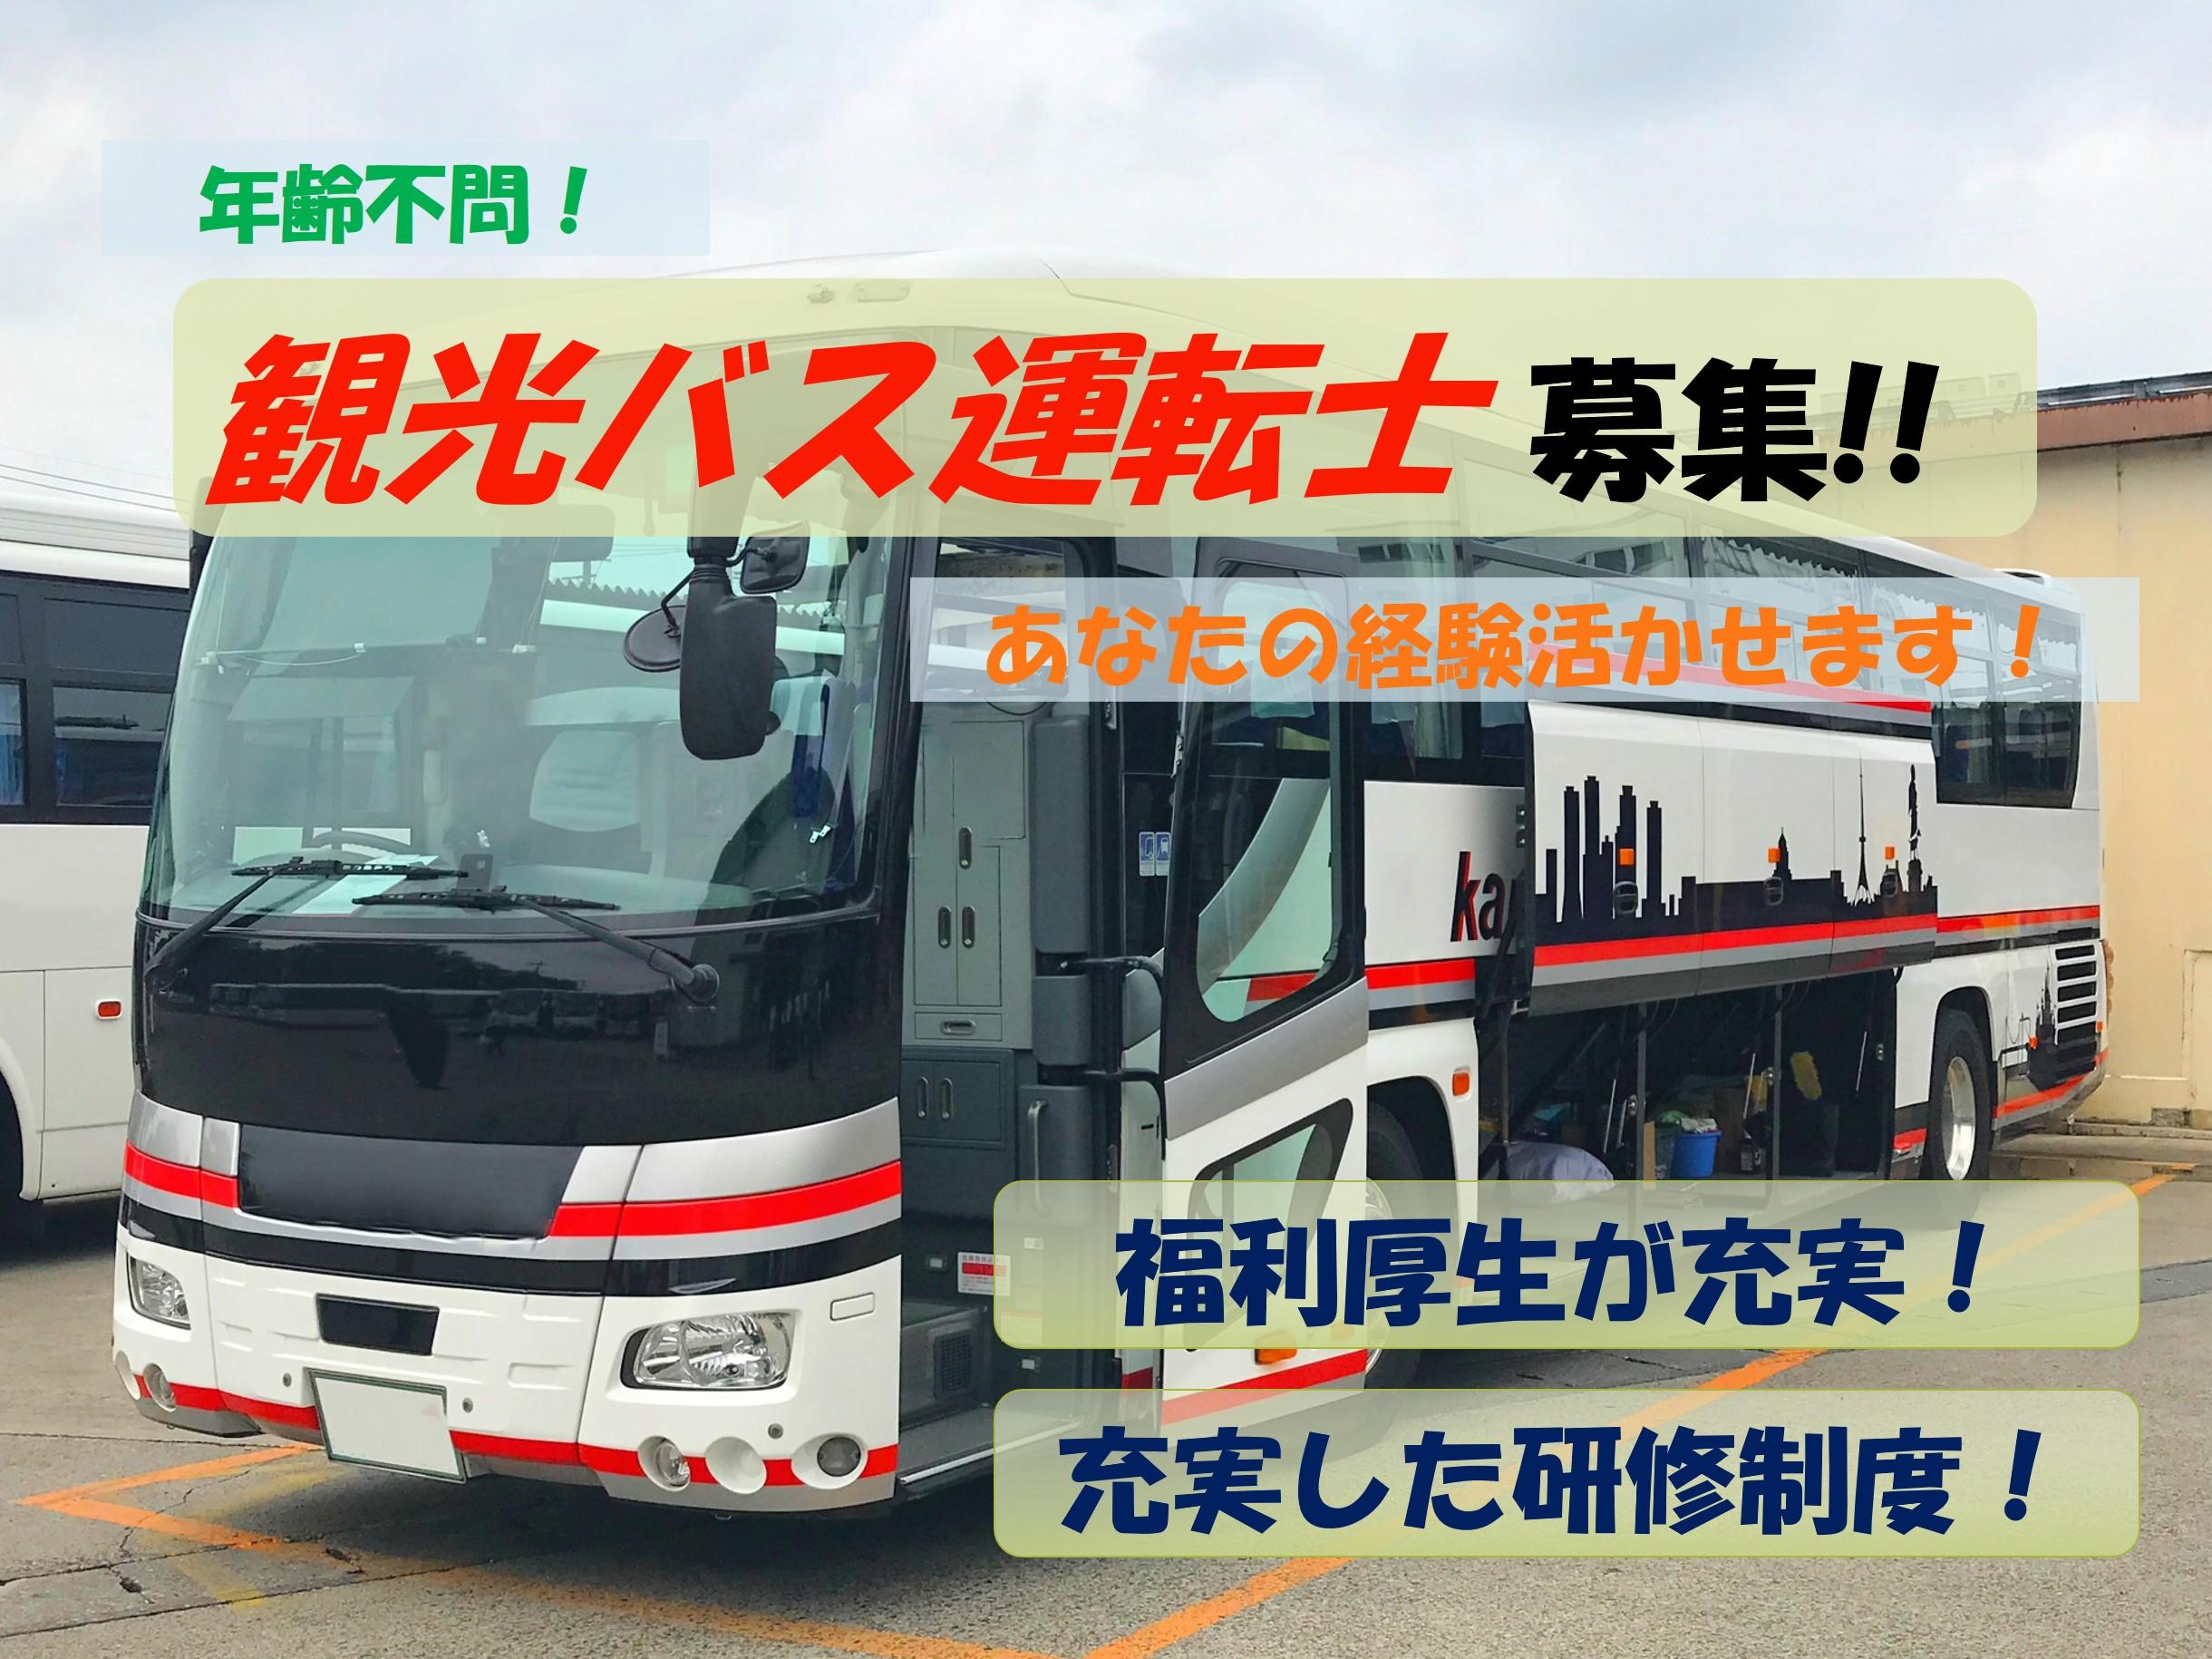 年齢不問!あなたの経験を活かせます!観光バス運転士募集 イメージ